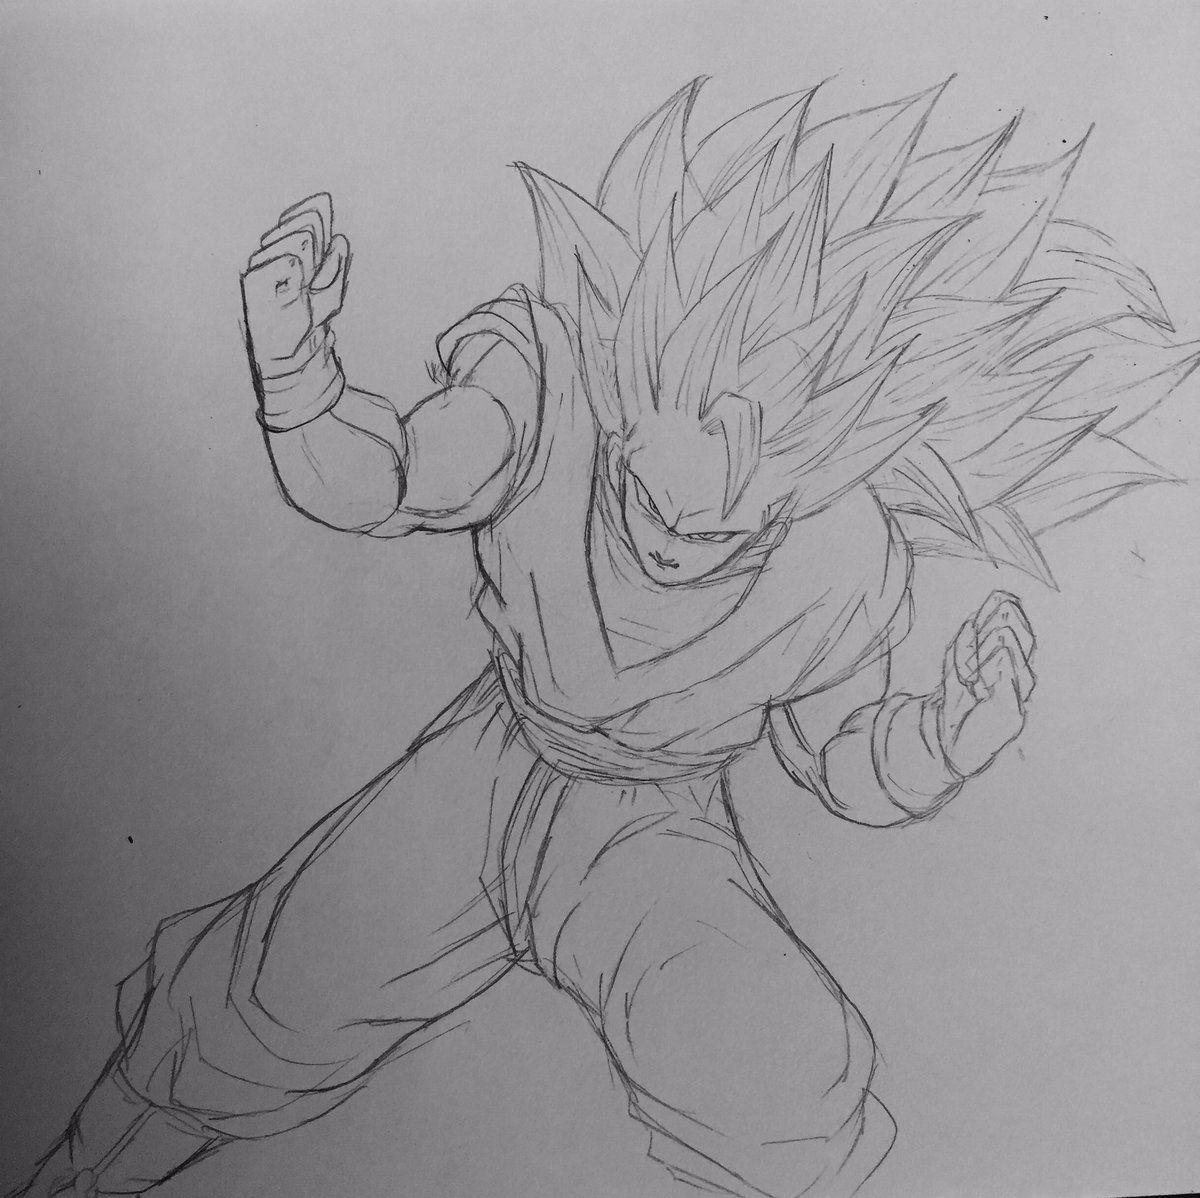 Niedlich Ssgss Goku Malvorlagen Zeitgenössisch - Malvorlagen-Ideen ...